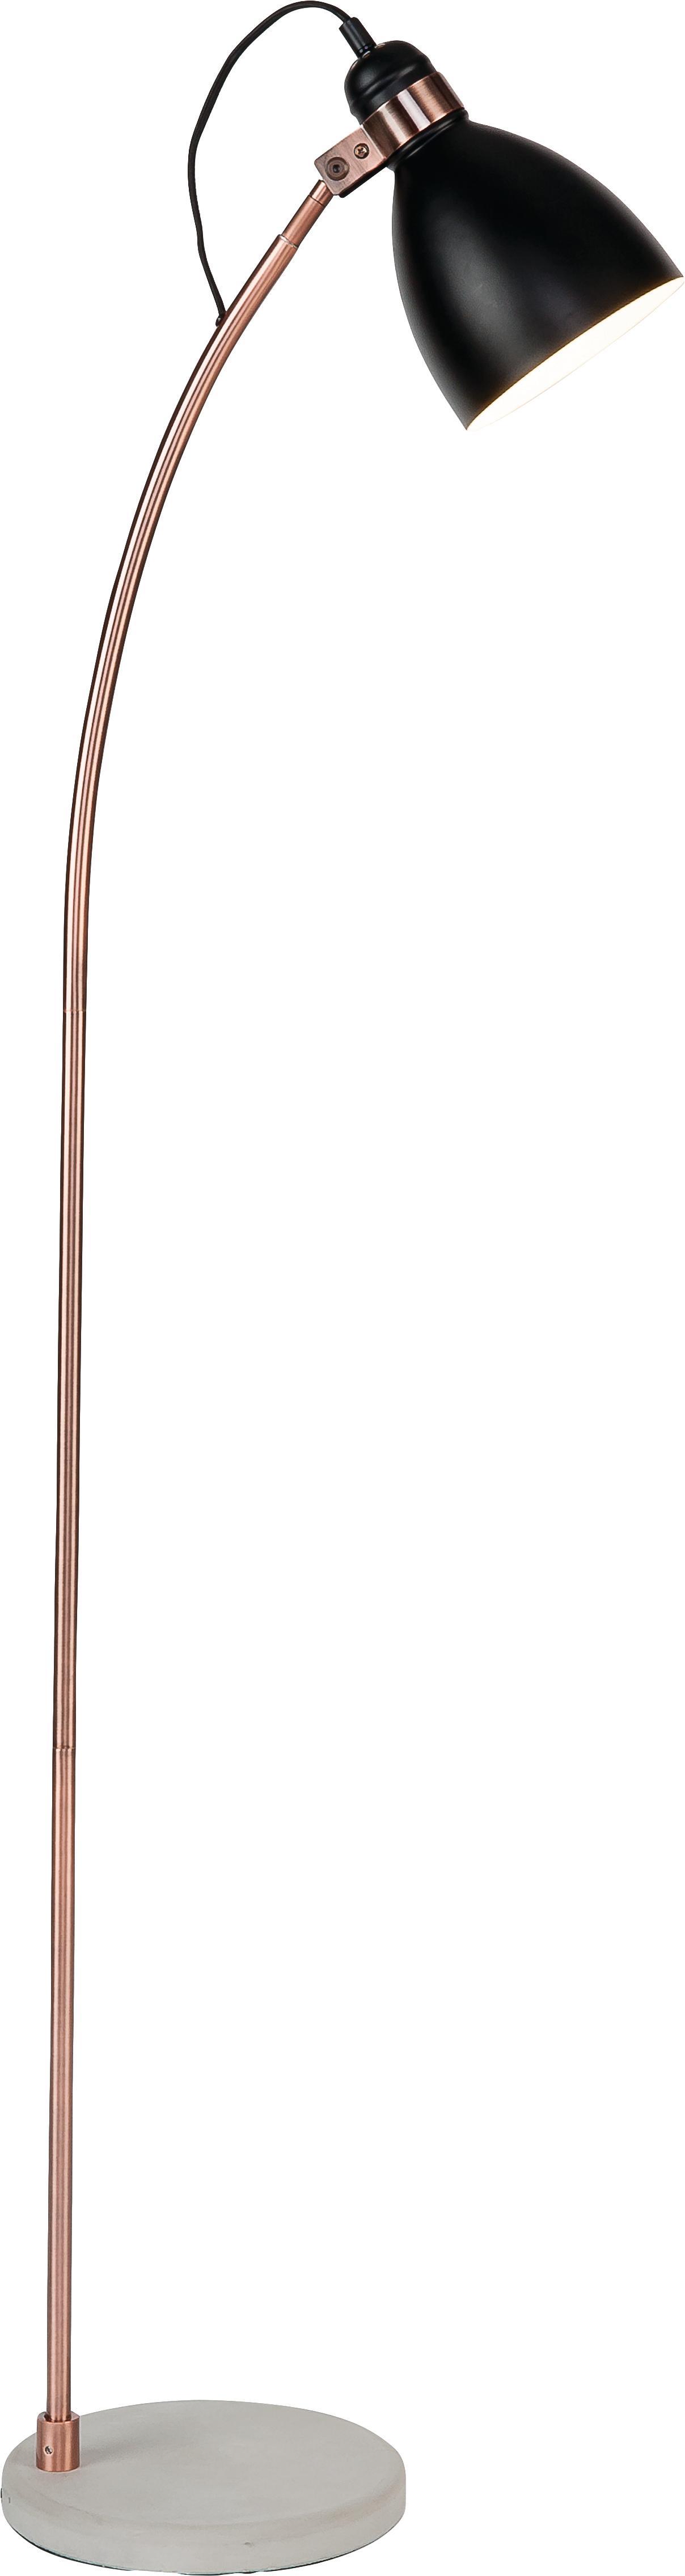 Lampada da terra con base in cemento Denver, Paralume: Ferro rivestito, Asta: ferro, ramato, Base della lampada: cemento, Paralume: nero Asta: rame Base della lampada: cemento, Larg. 37 x Alt. 145 cm